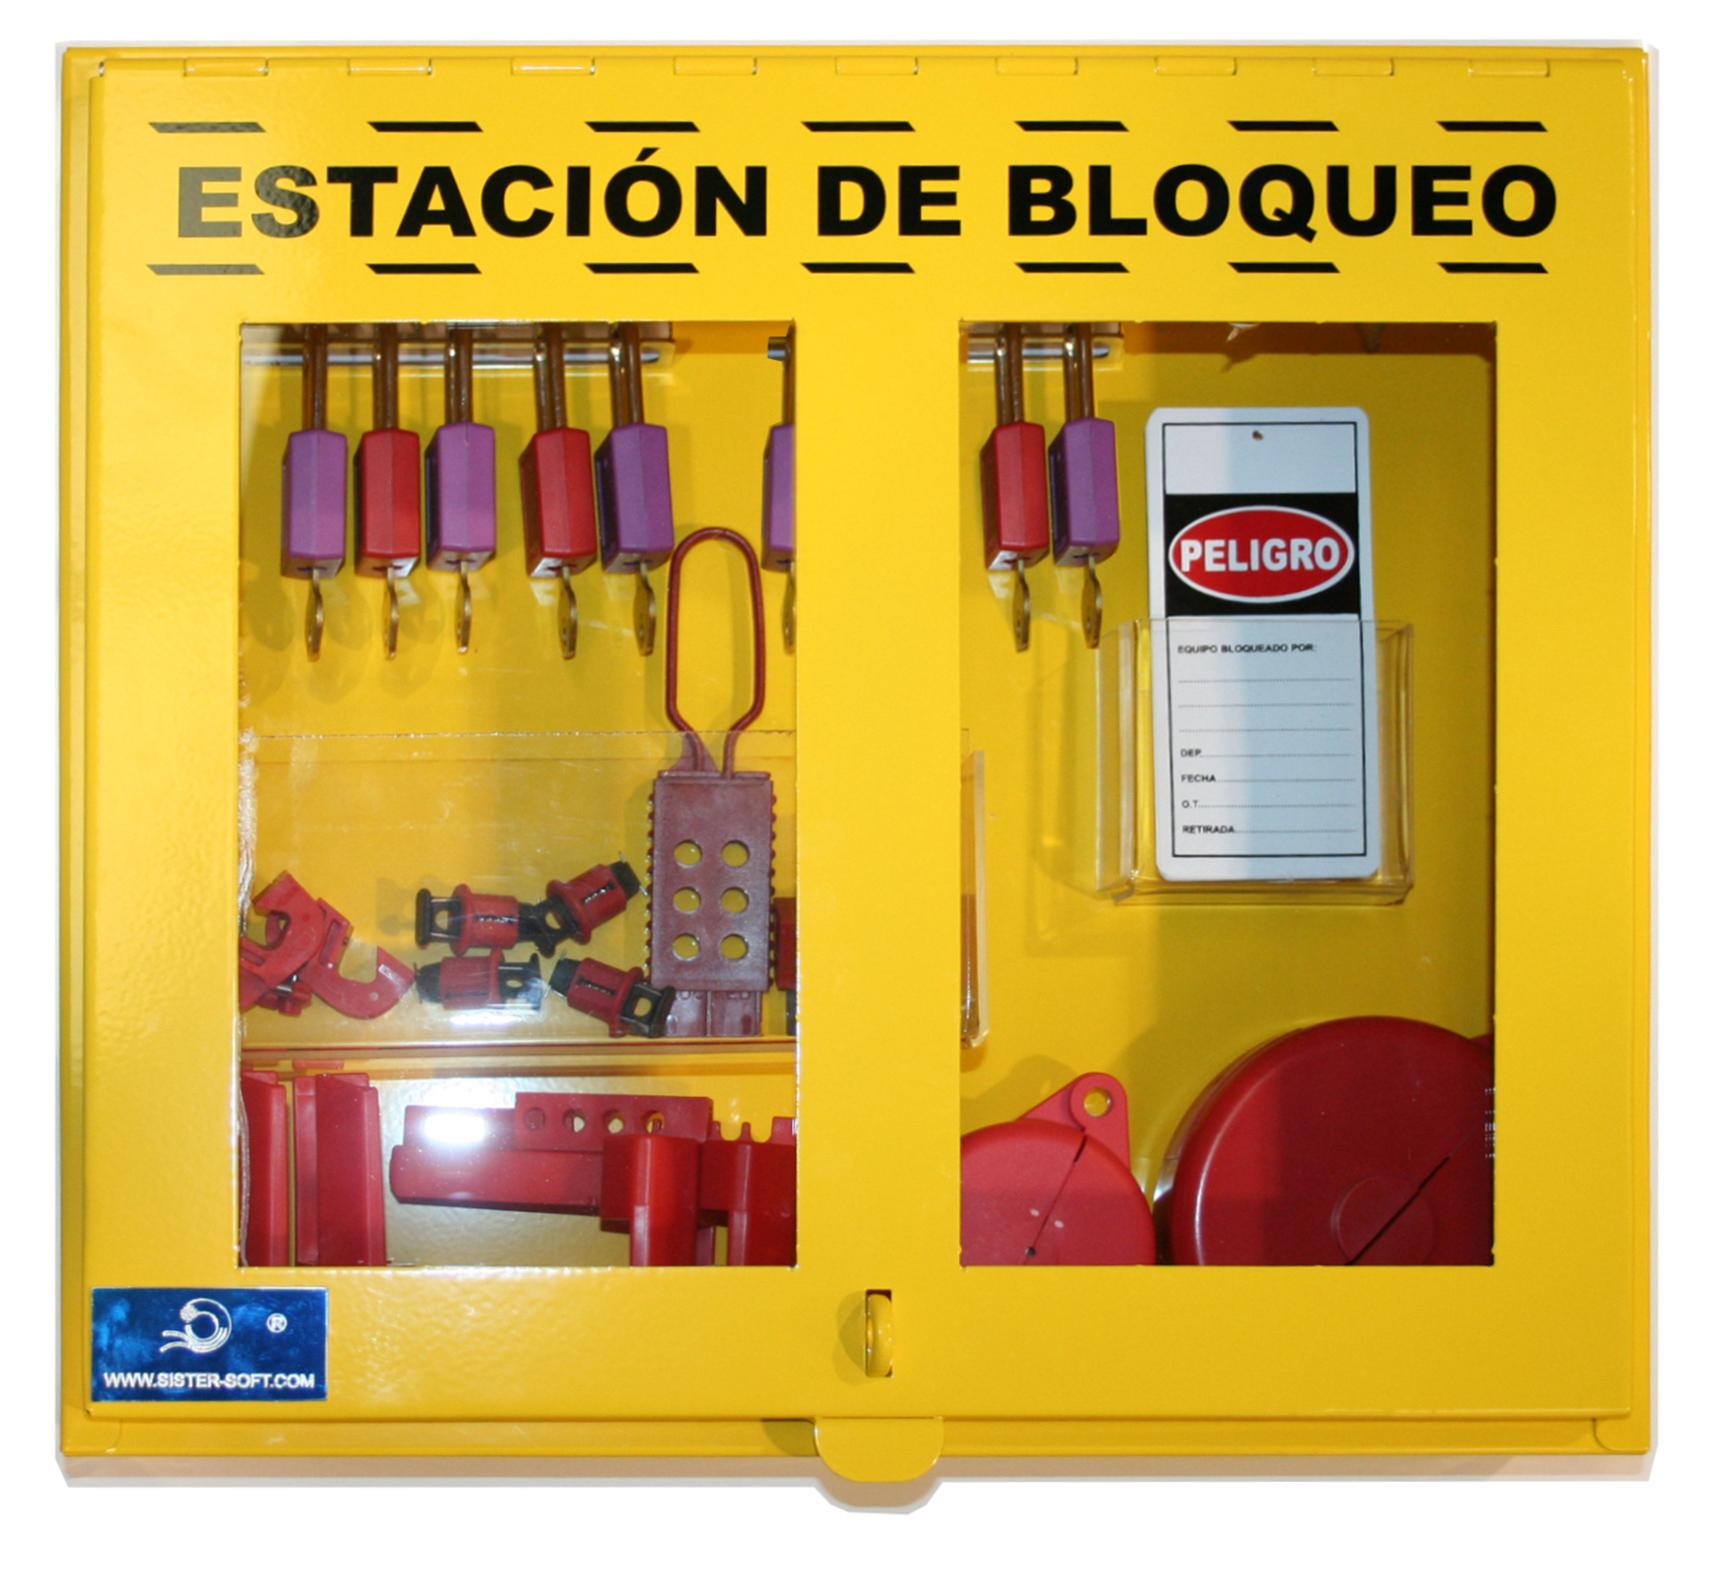 Amortiguadores De Carro >> Estación de Bloqueo a medida | Sister-Soft.